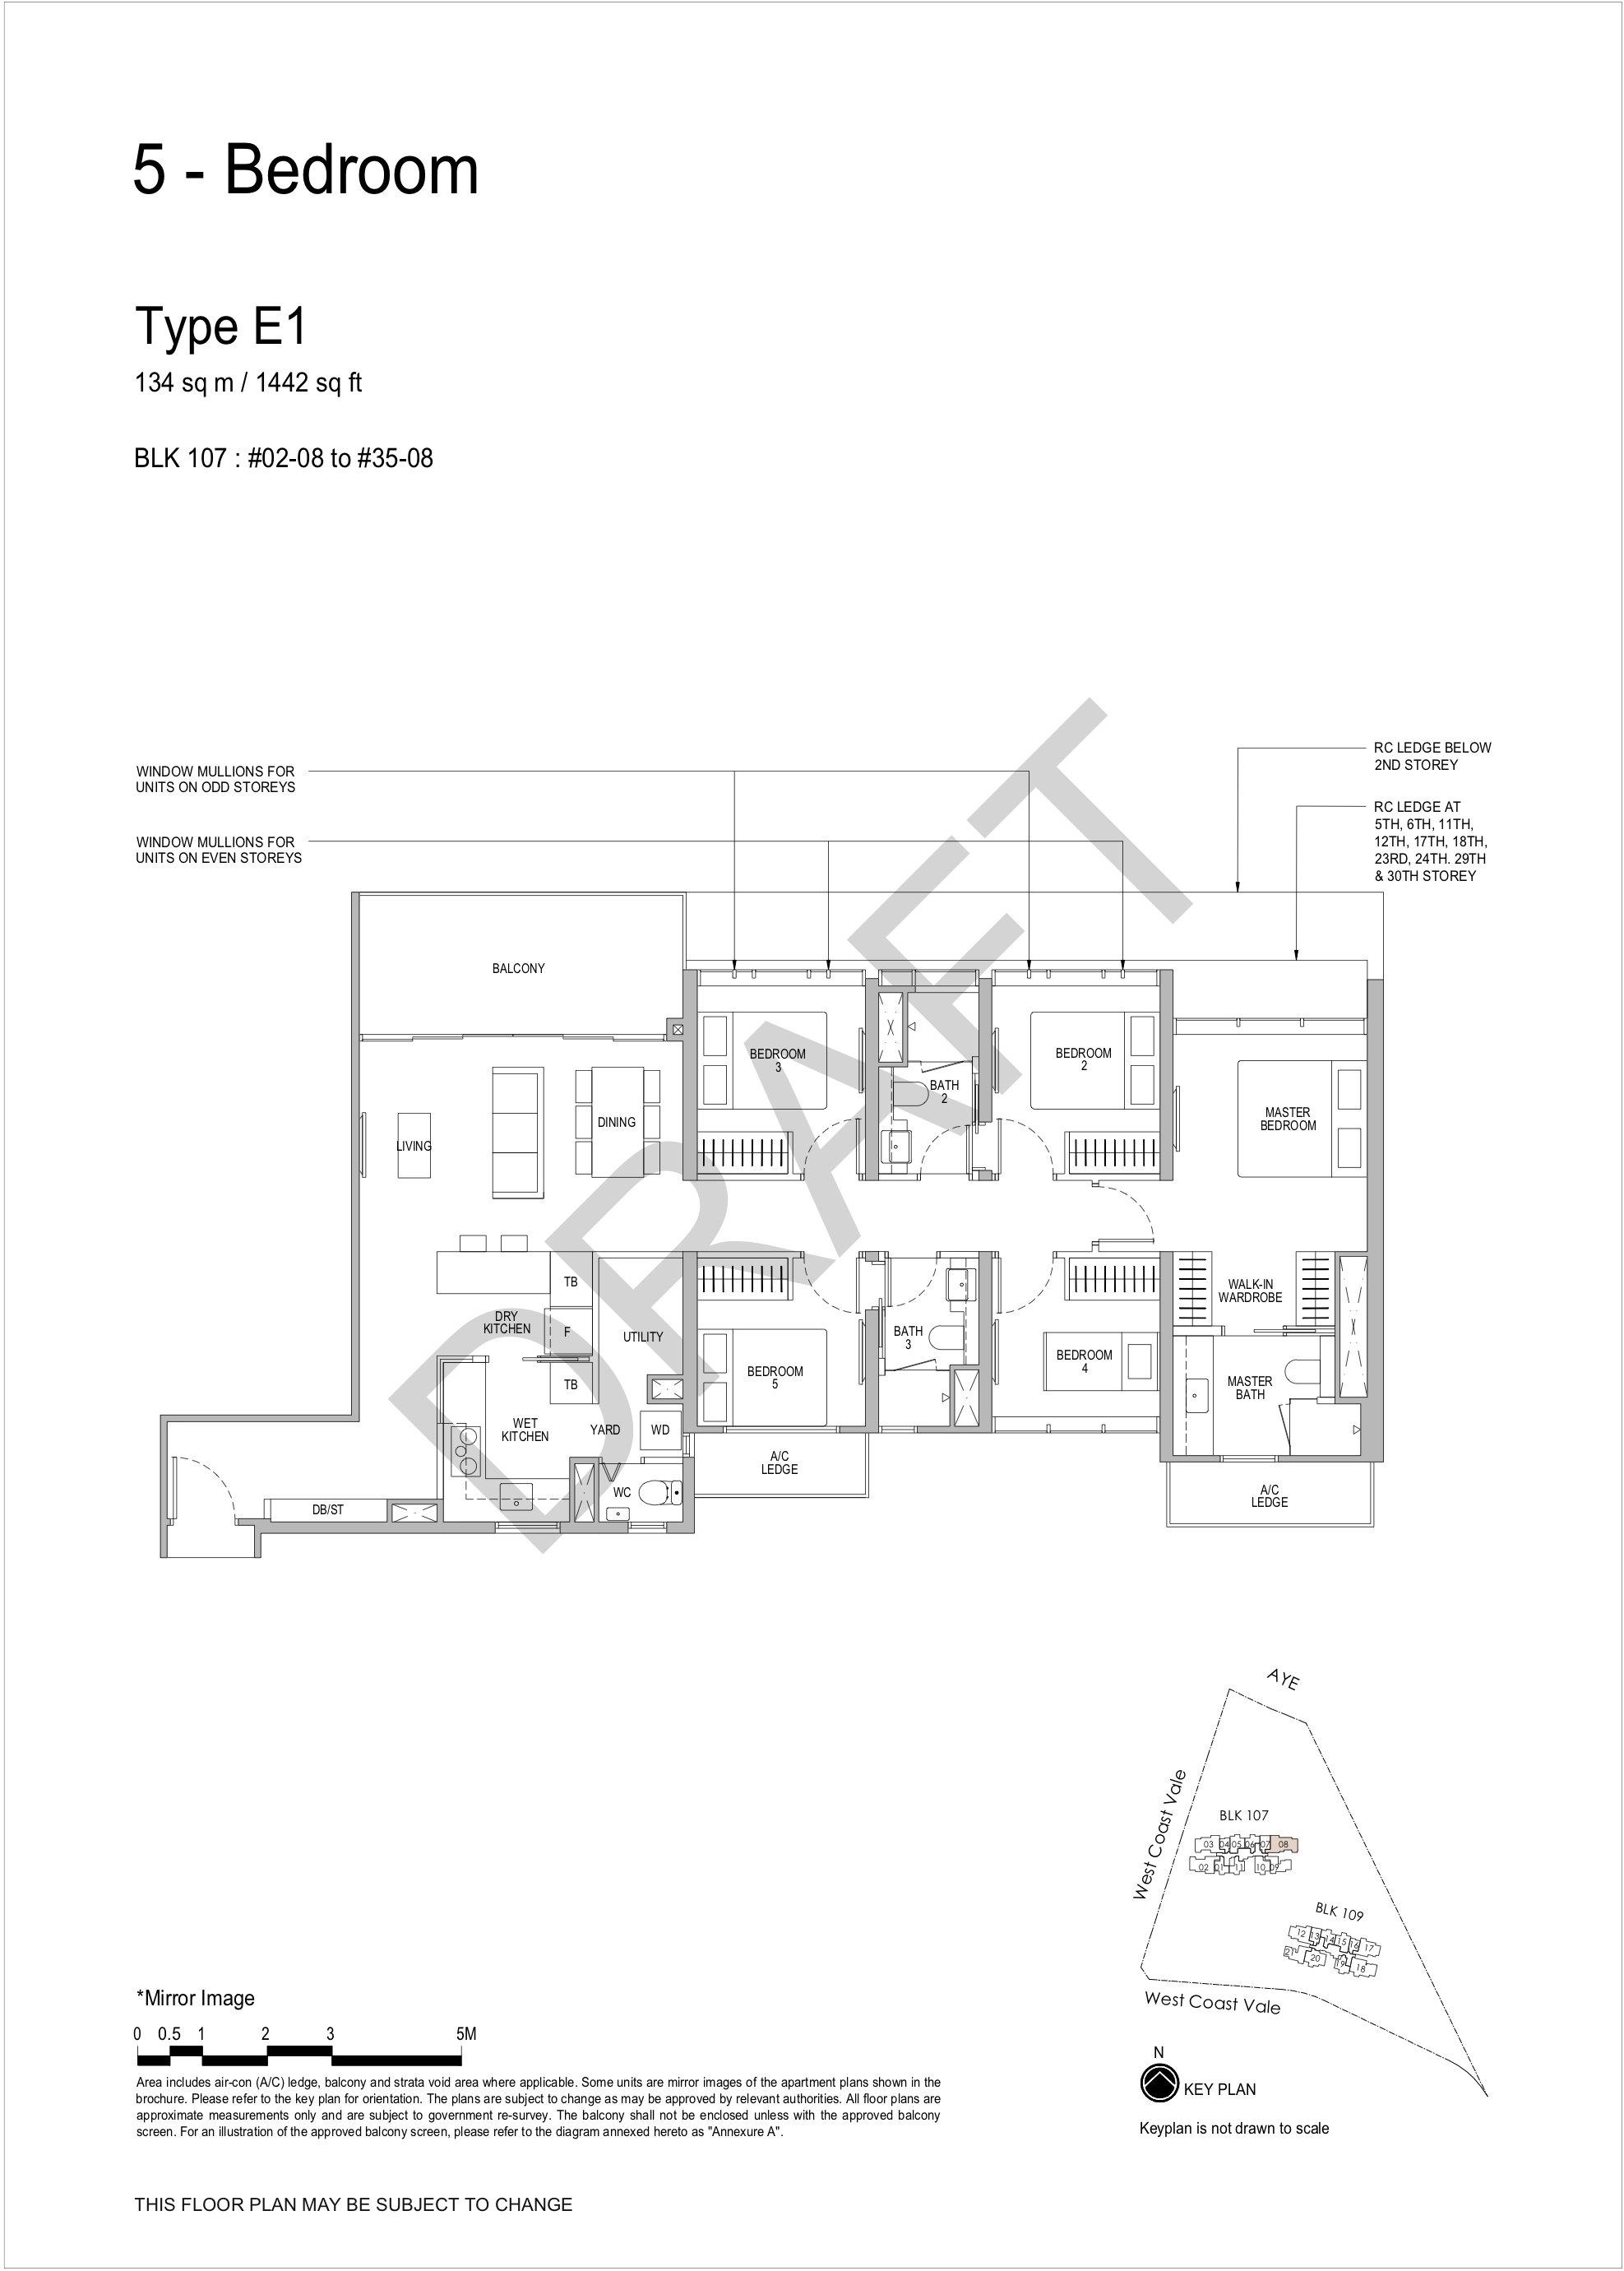 Whistler Grand 5 bedroom floor plan E1